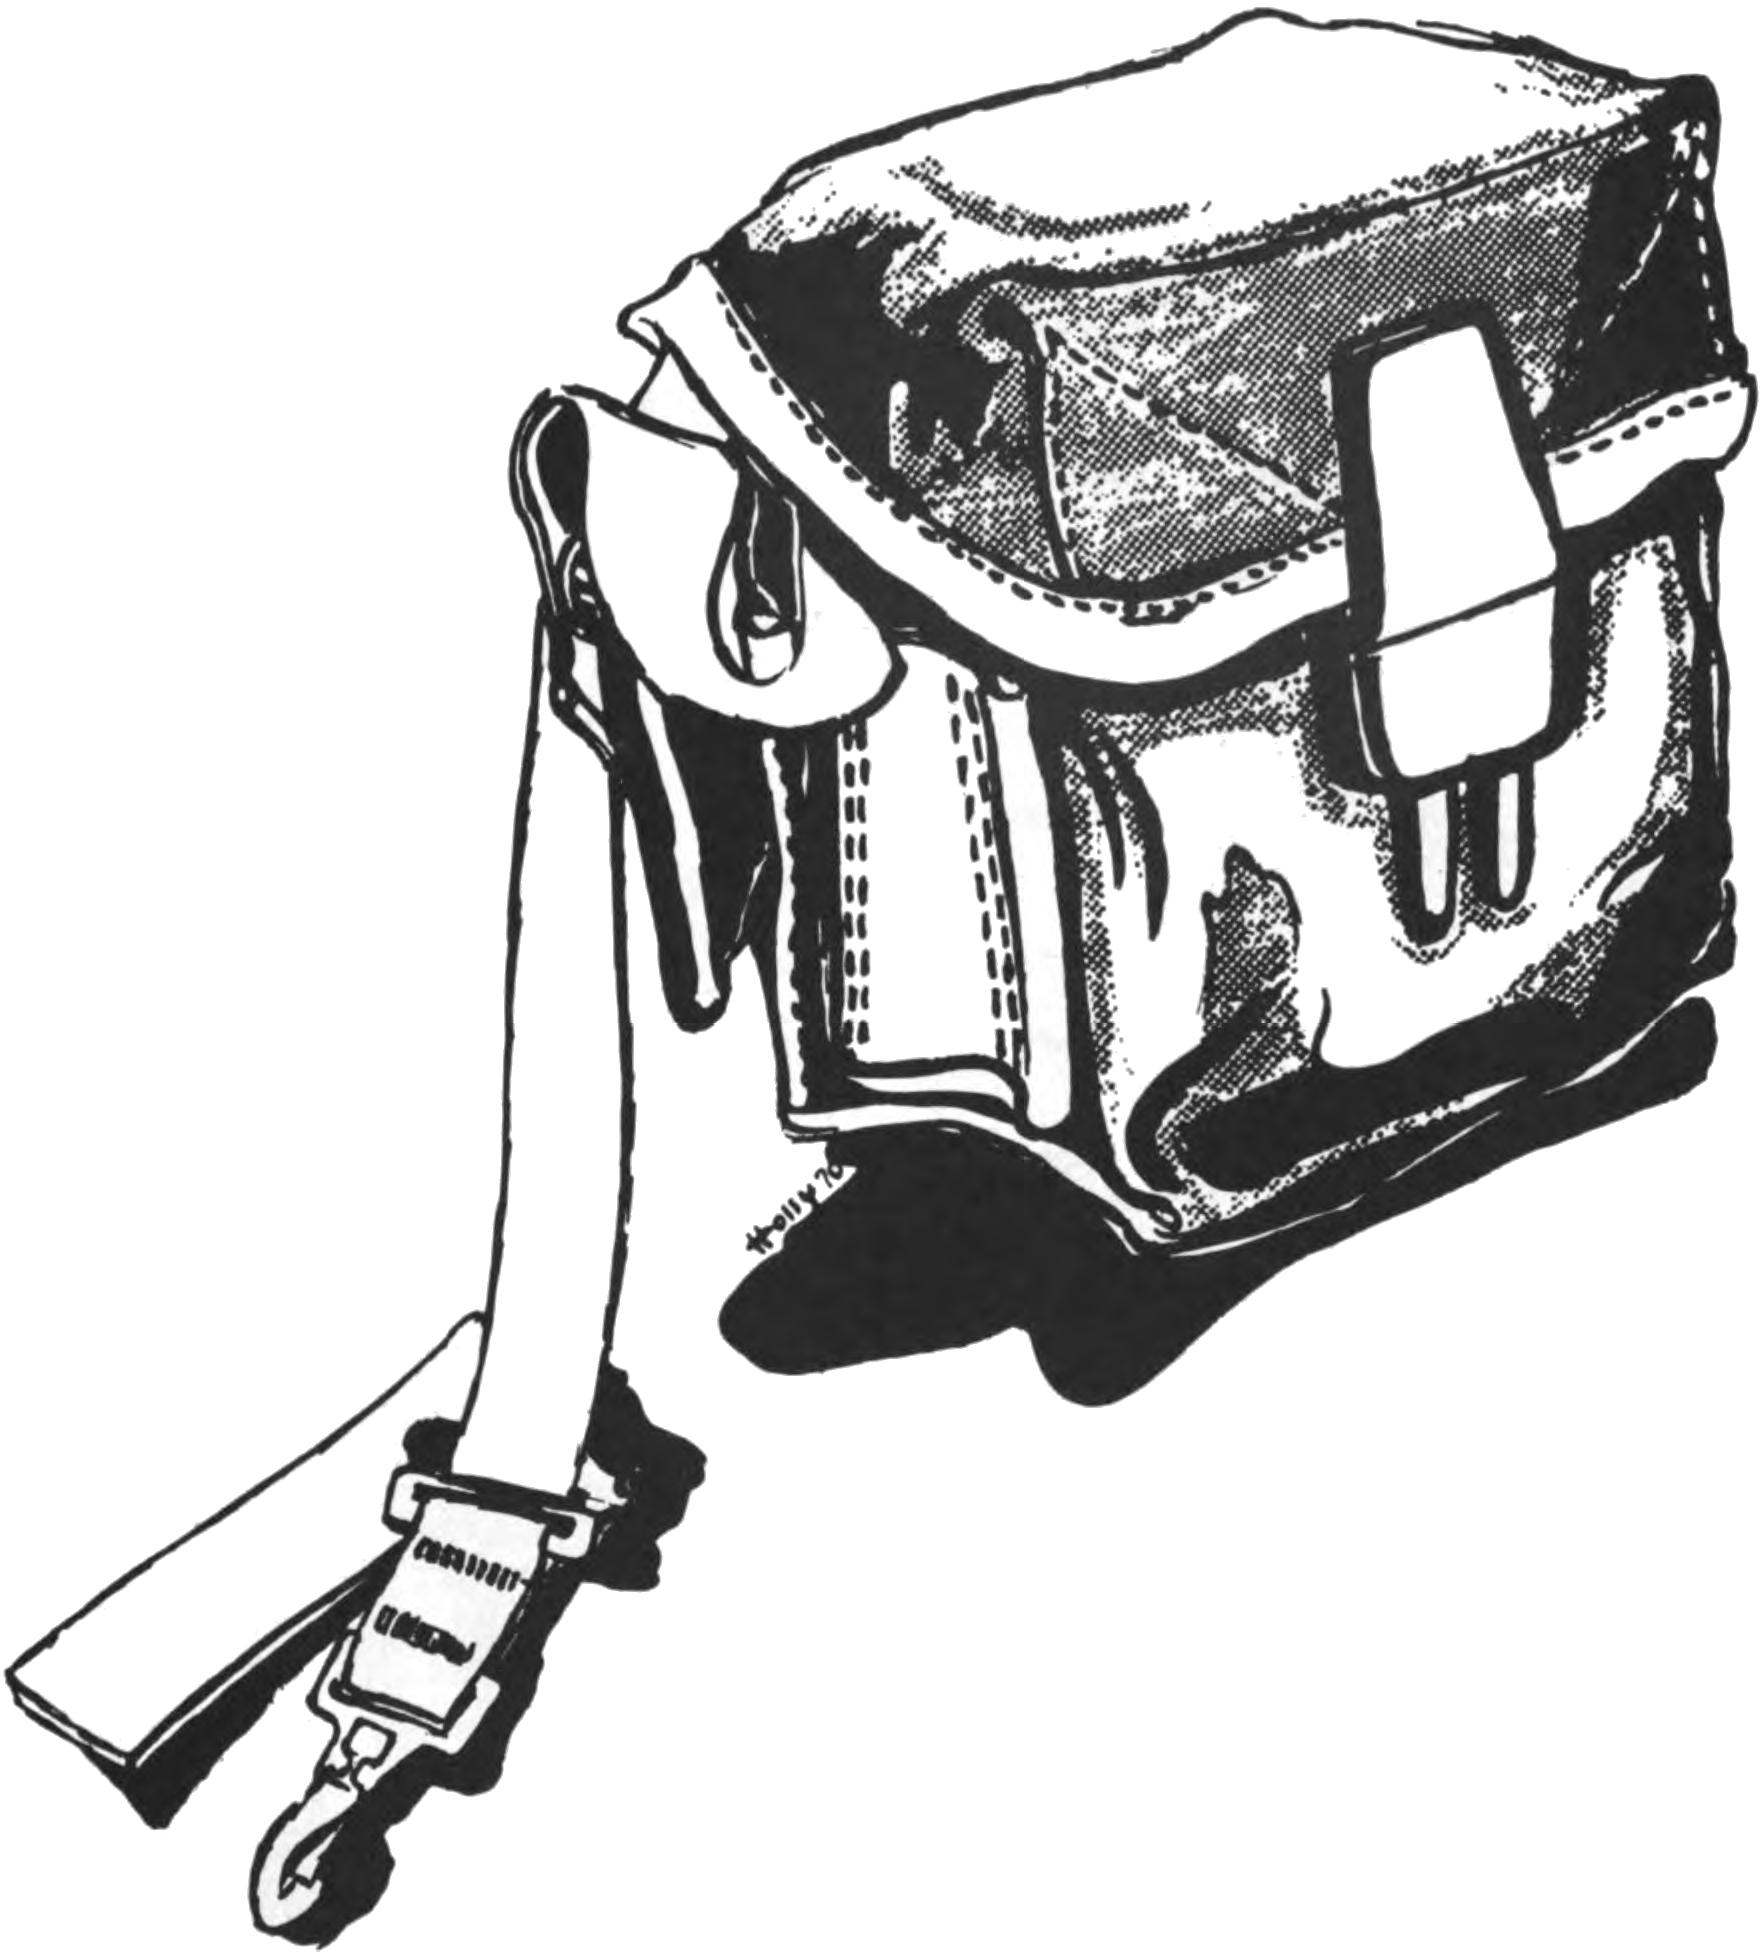 M-1967 M-16 20-rd mag case